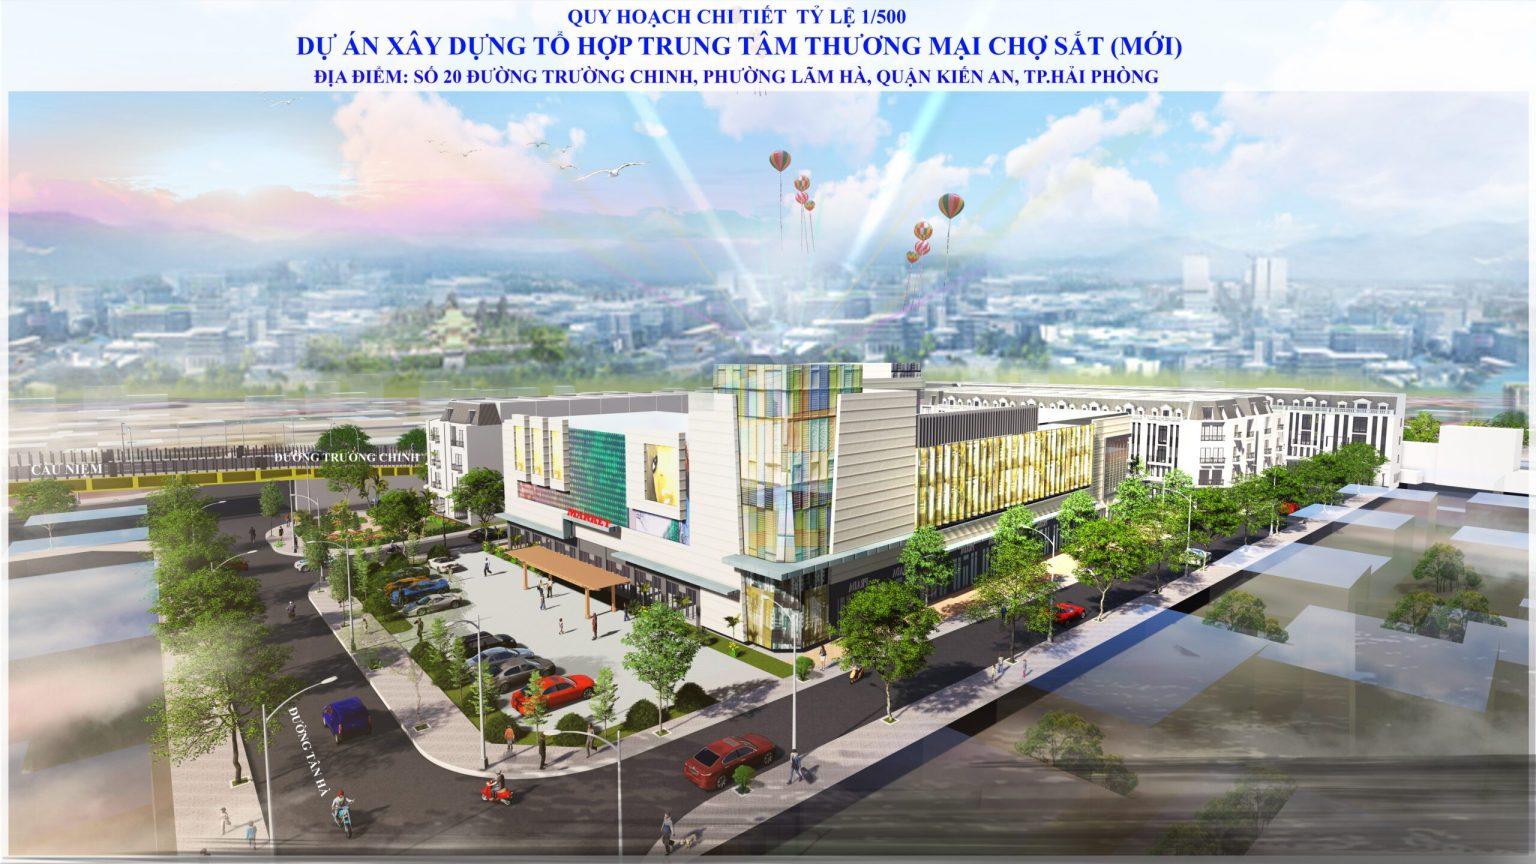 Hải Phòng gọi đầu tư tổ hợp TTTM, khách sạn gần 6.000 tỷ đồng tại chợ Sắt - Ảnh 1.